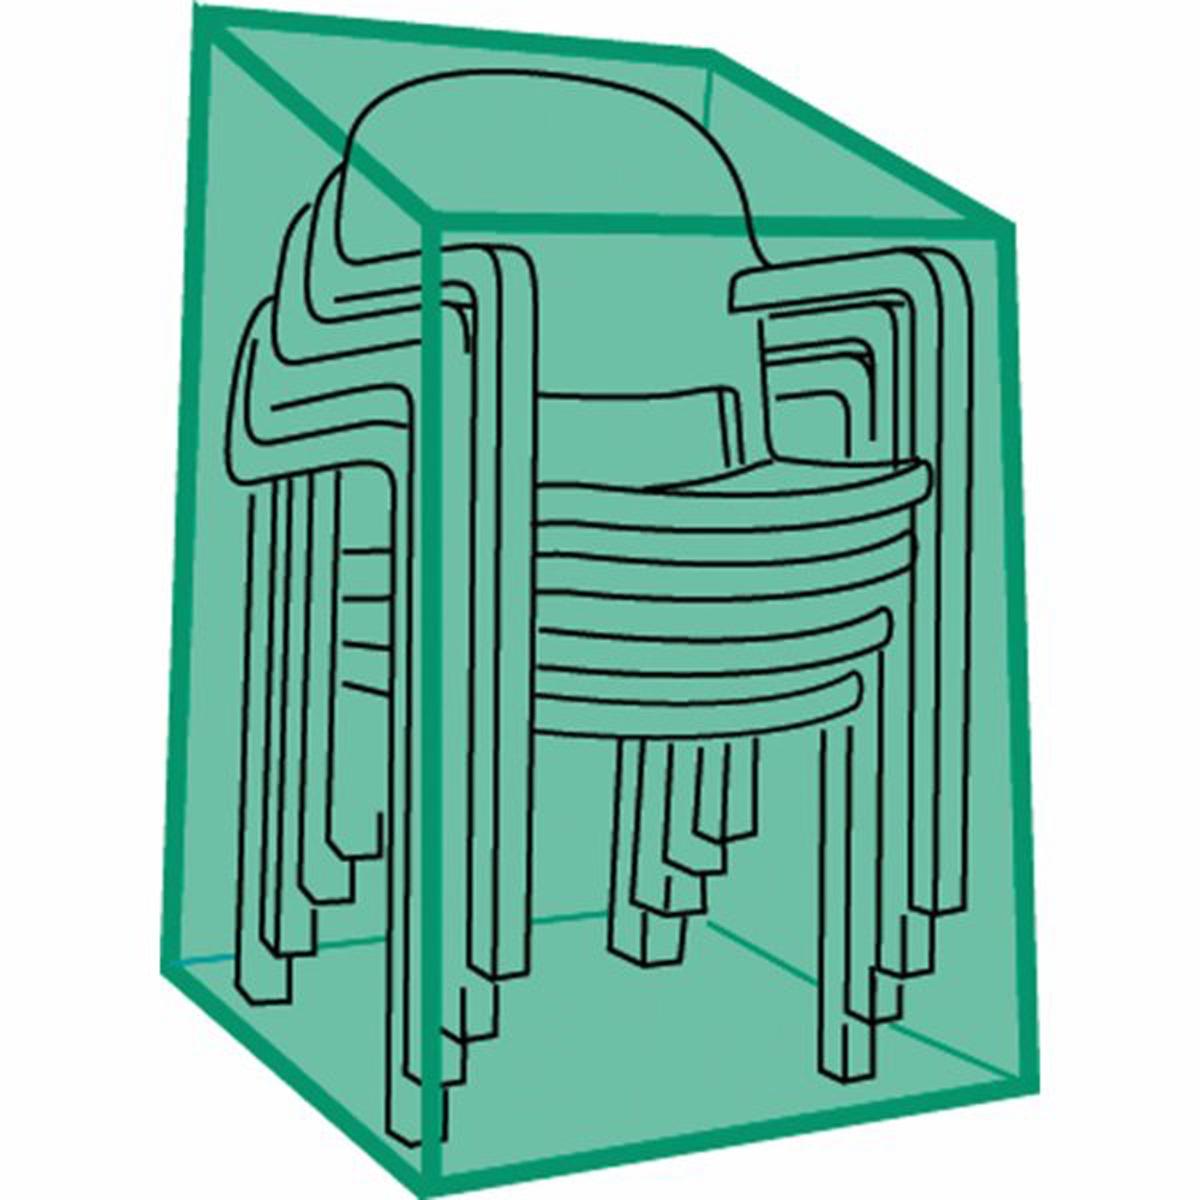 Чехол специальный для стульев и креселЗащитите вашу садовую мебель от пыли и неблагоприятных погодных условий с этим очень прочным чехлом . Отличается практичностью и легкостью складывания (специально разработанная система складывания чехла). Высокое качество материала, герметичность, неподверженность гниению. Описание чехла :- Выполнен из сварного полиэтилена- Нержавеющие отверстия для крепления- Система быстрого складывания- Цвет зеленый полупрозрачныйДля 6 стульев или 4 кресел<br><br>Цвет: зеленый